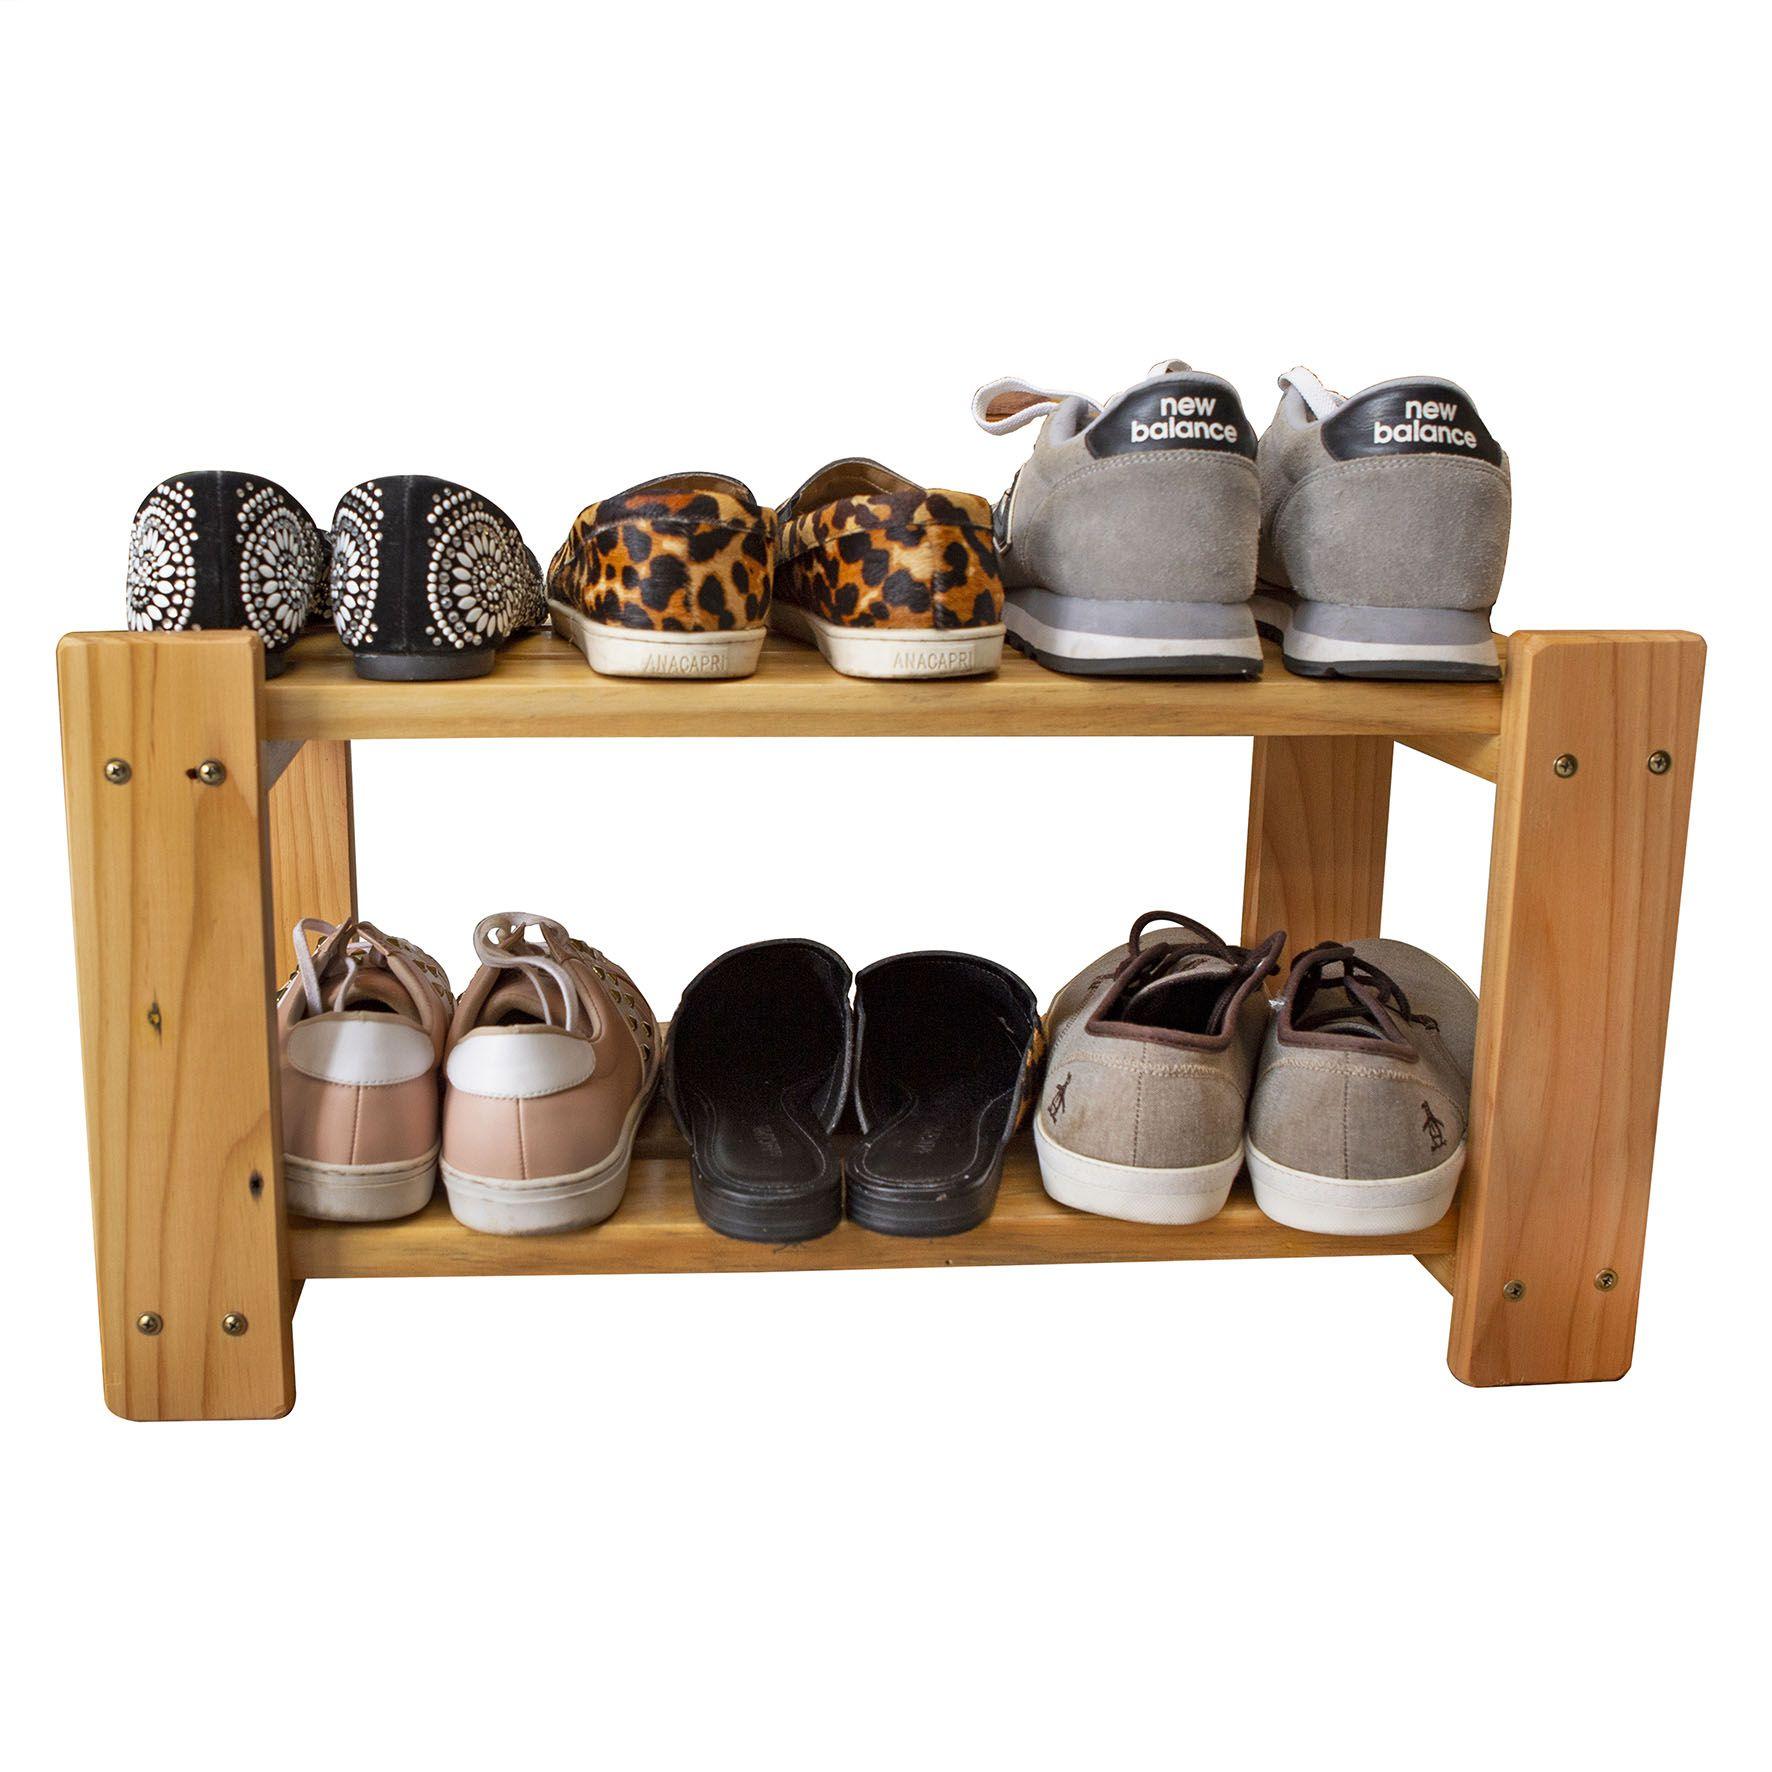 Sapateira em Madeira para Organizar Sapatos Cor Natural